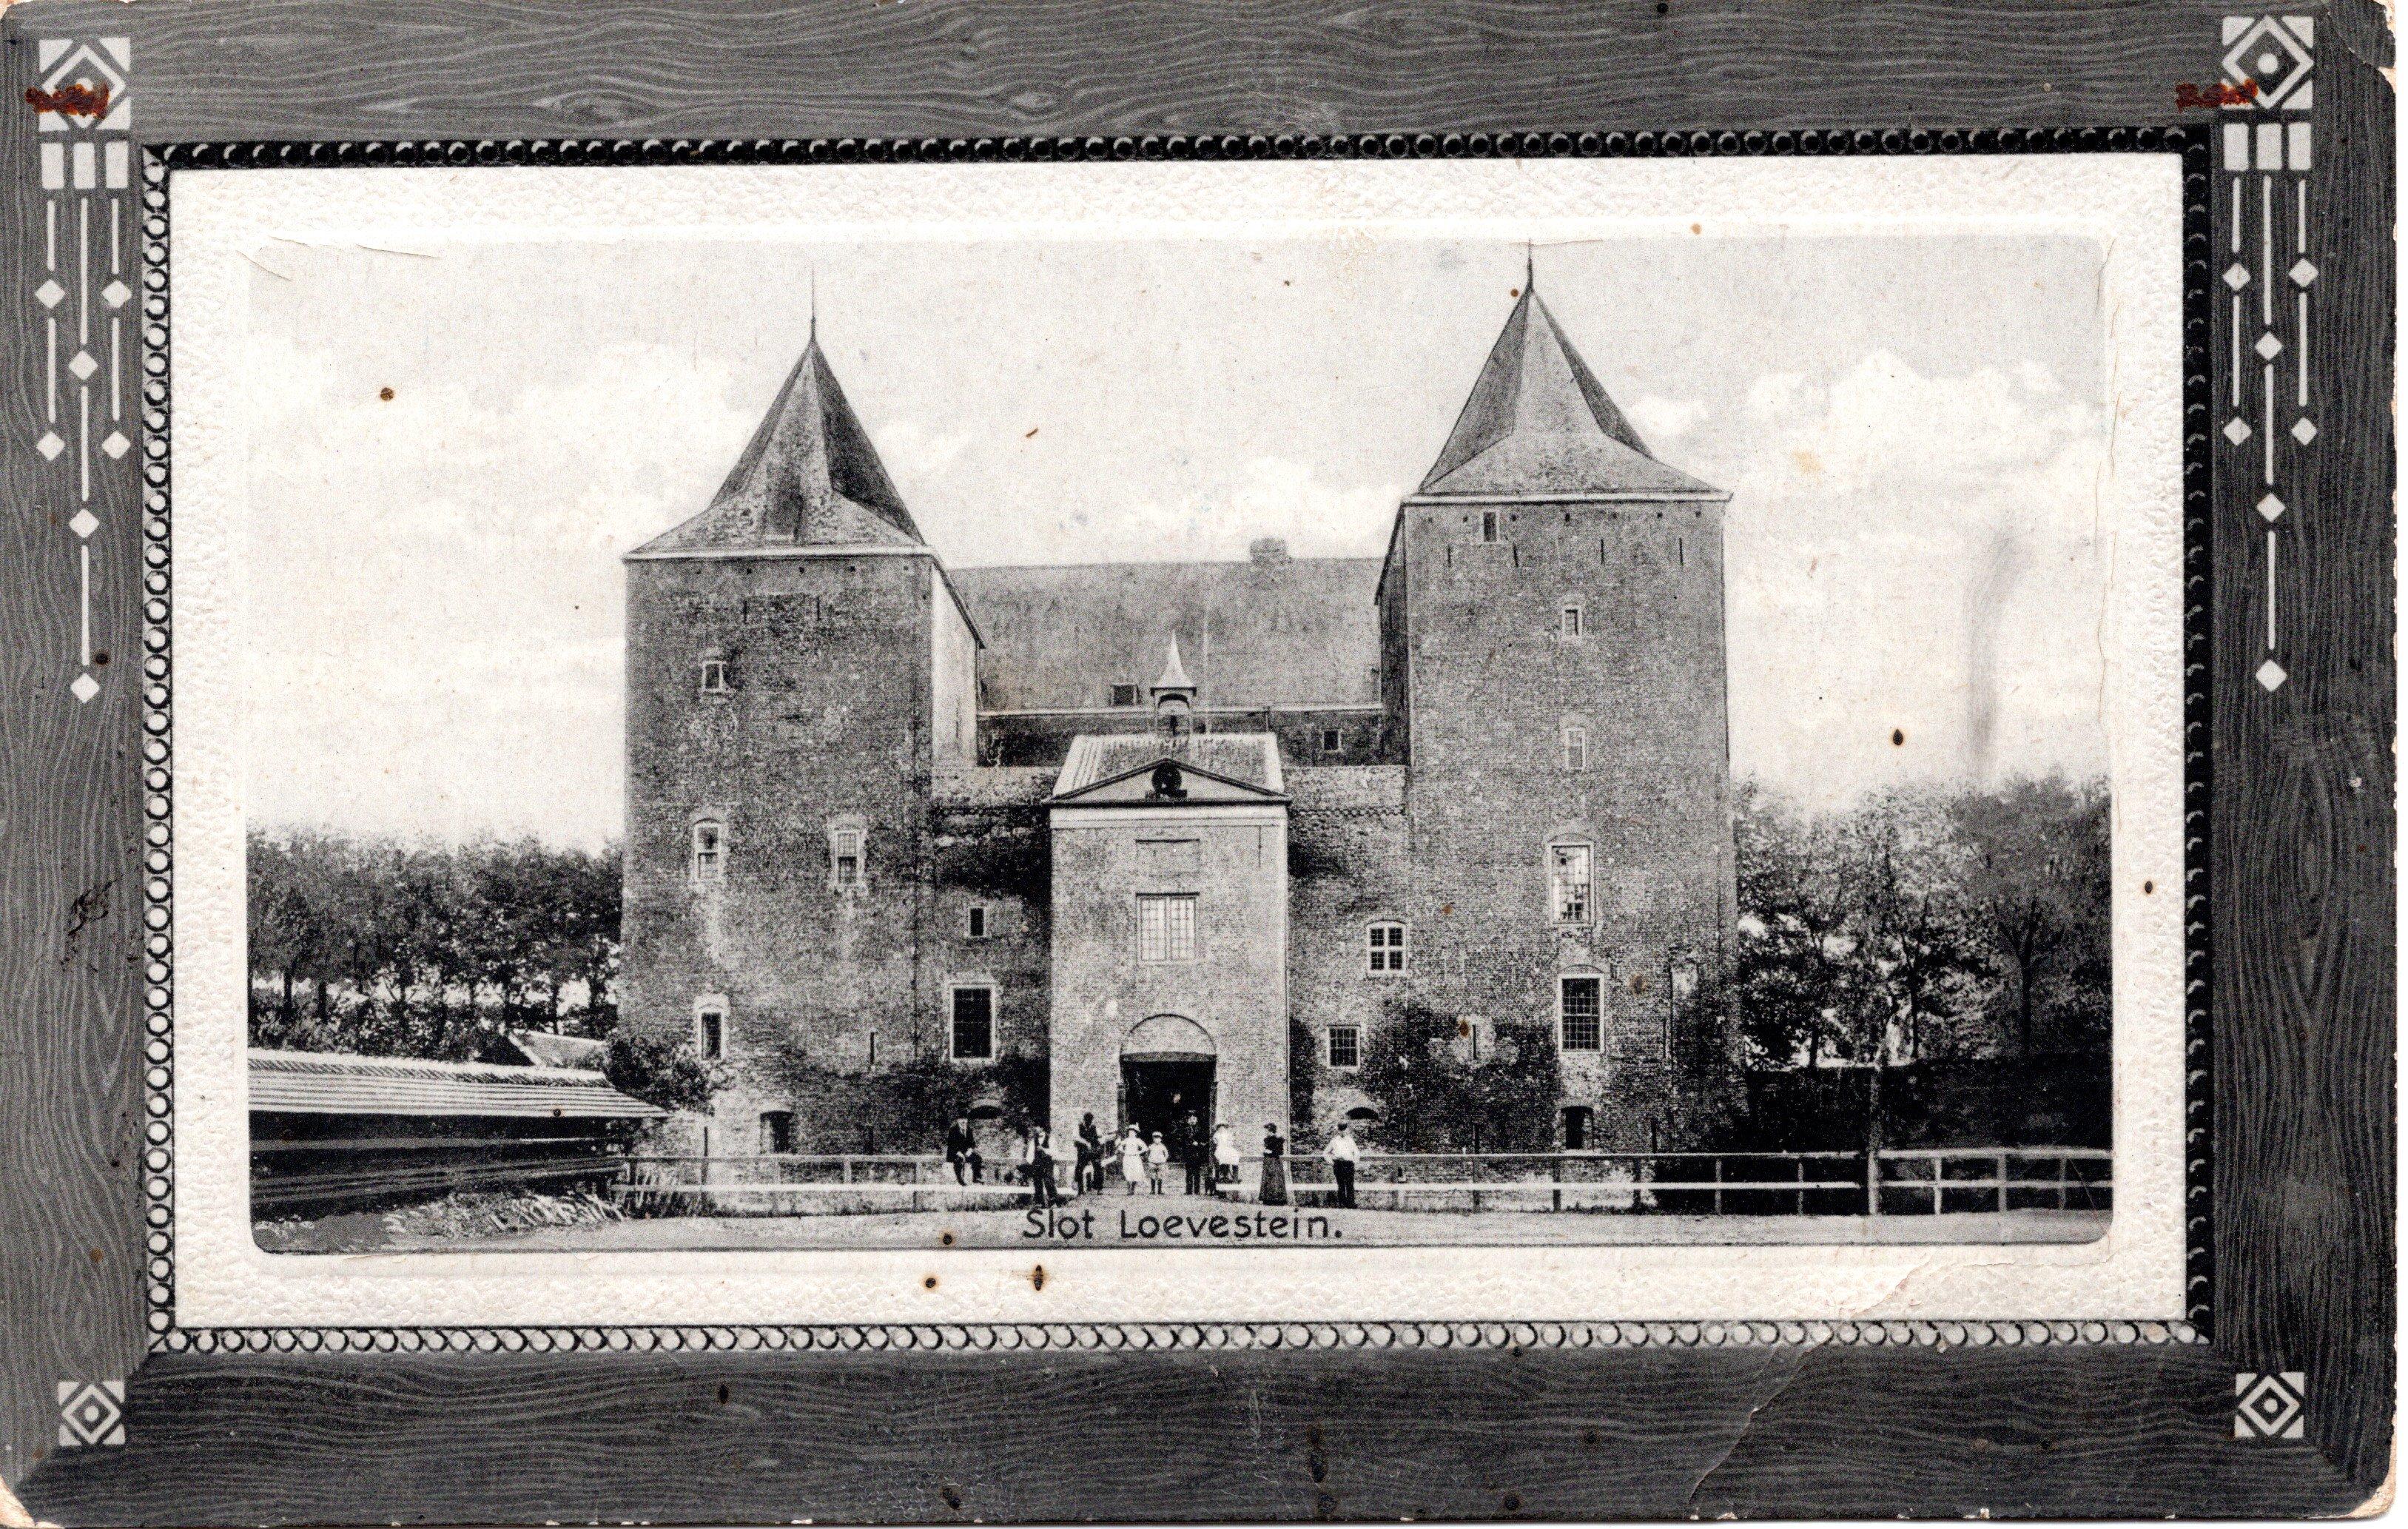 B32-Slot-Loevestein-1916